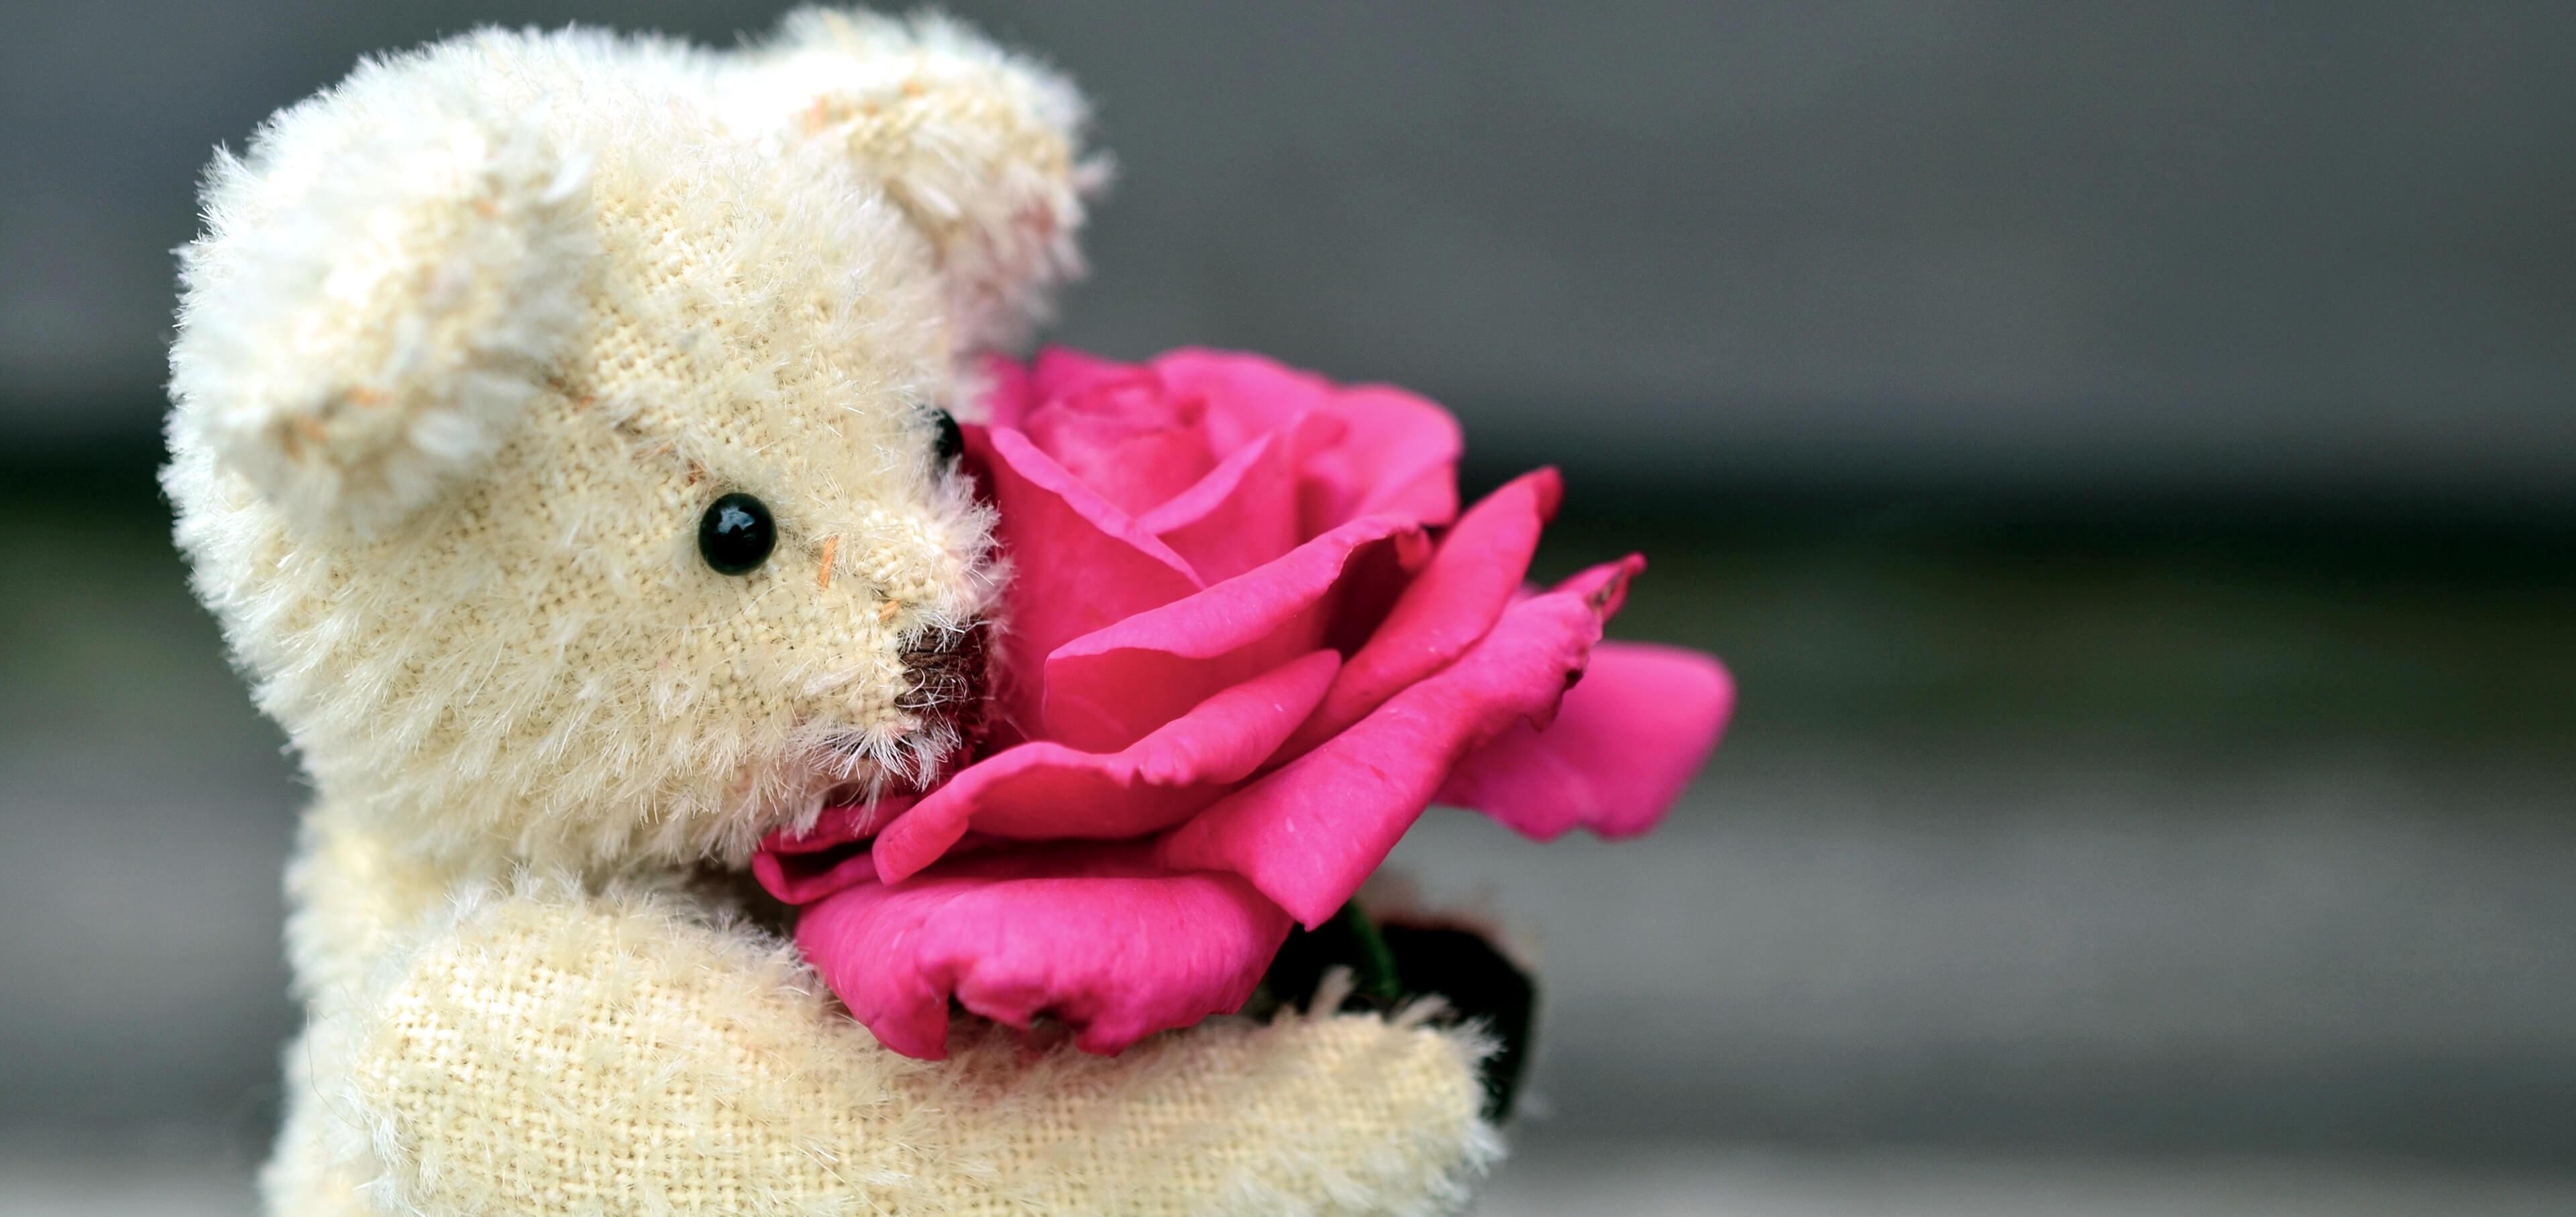 Милые и романтические картинки для любимой - скачать (20 фото) 18